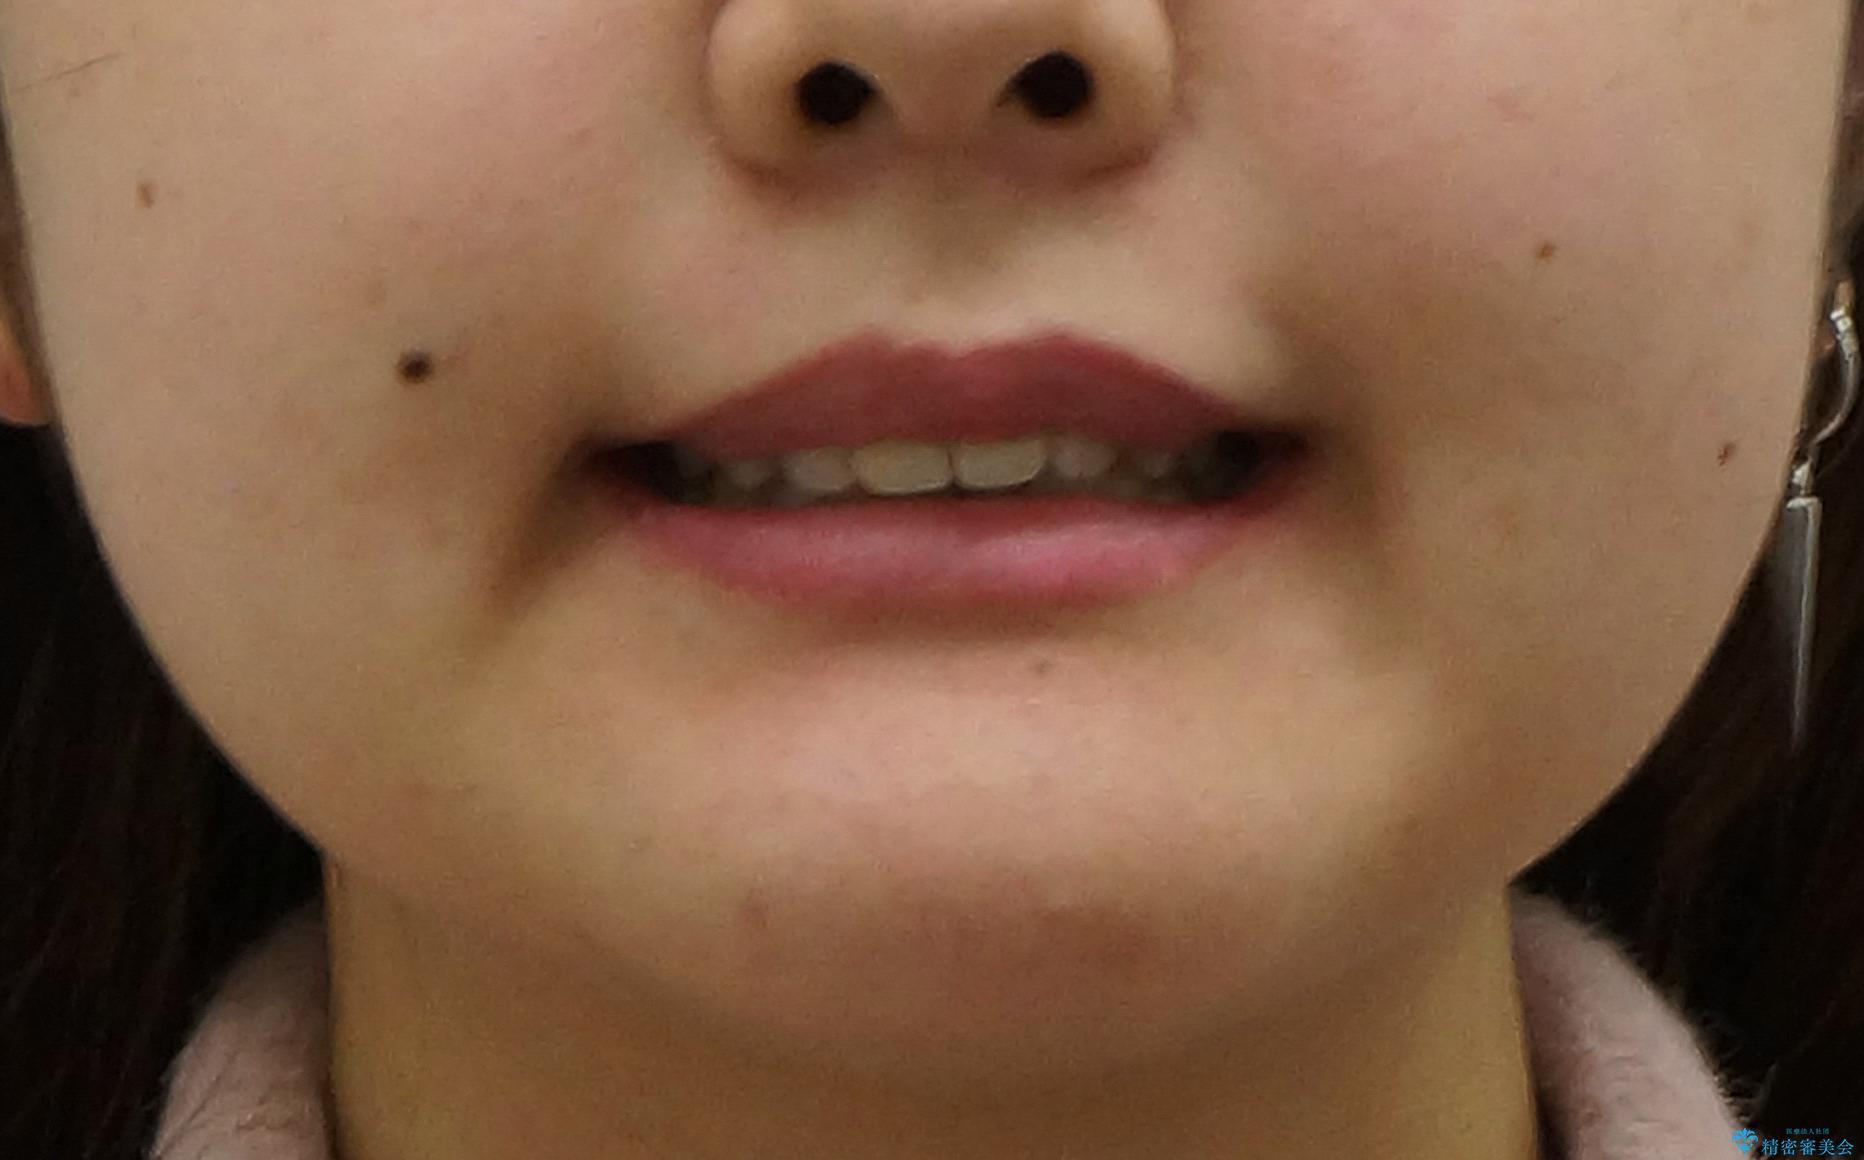 出っ歯をセラミックで治したい の治療後(顔貌)